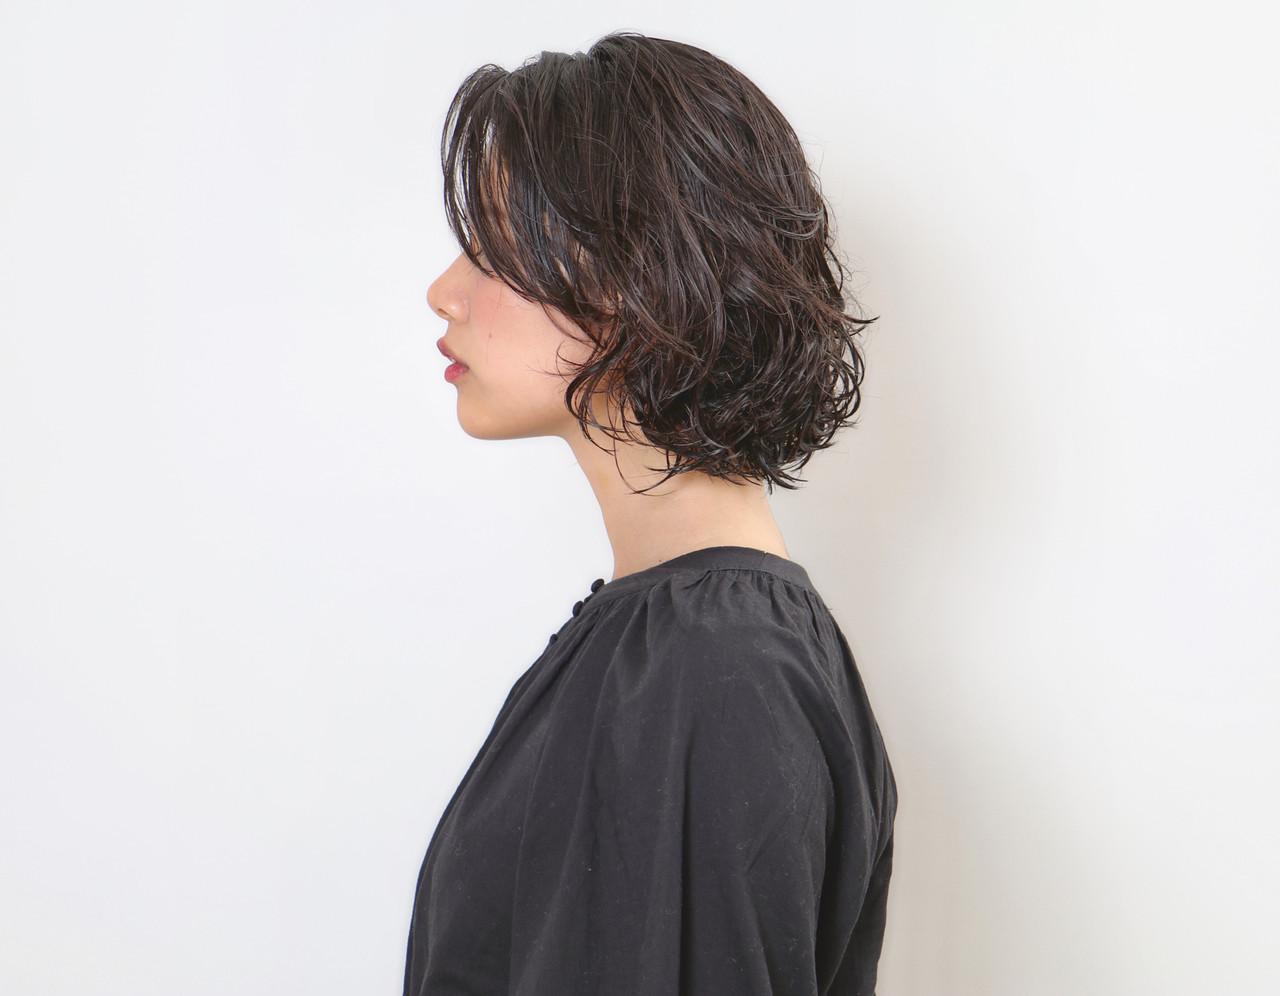 ナチュラル ショートボブ ボブ 切りっぱなしボブ ヘアスタイルや髪型の写真・画像